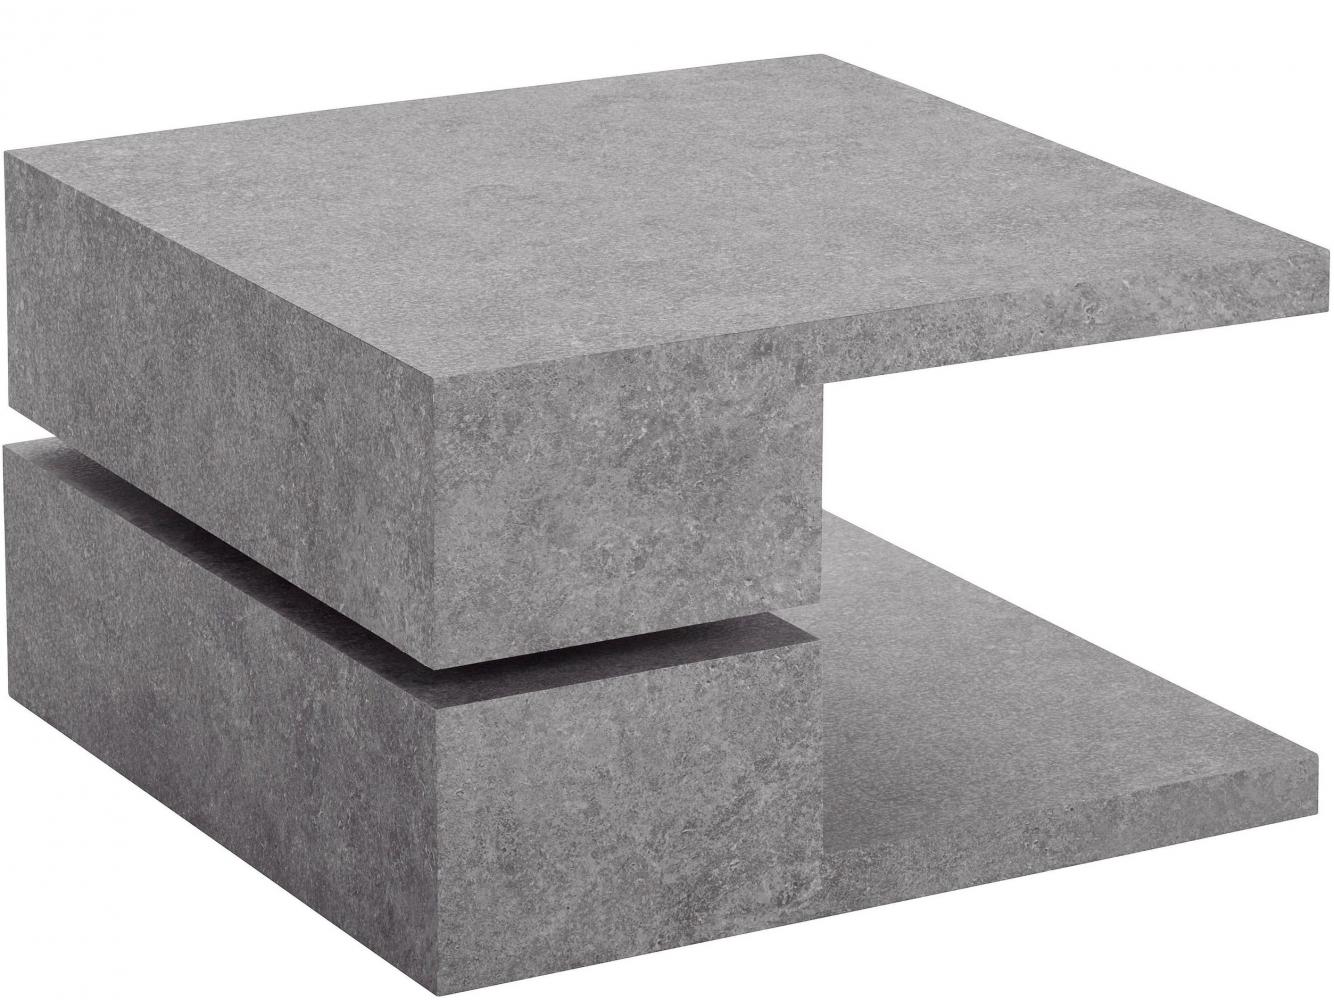 Konferenční stolek Pac, 60 cm, pohledový beton